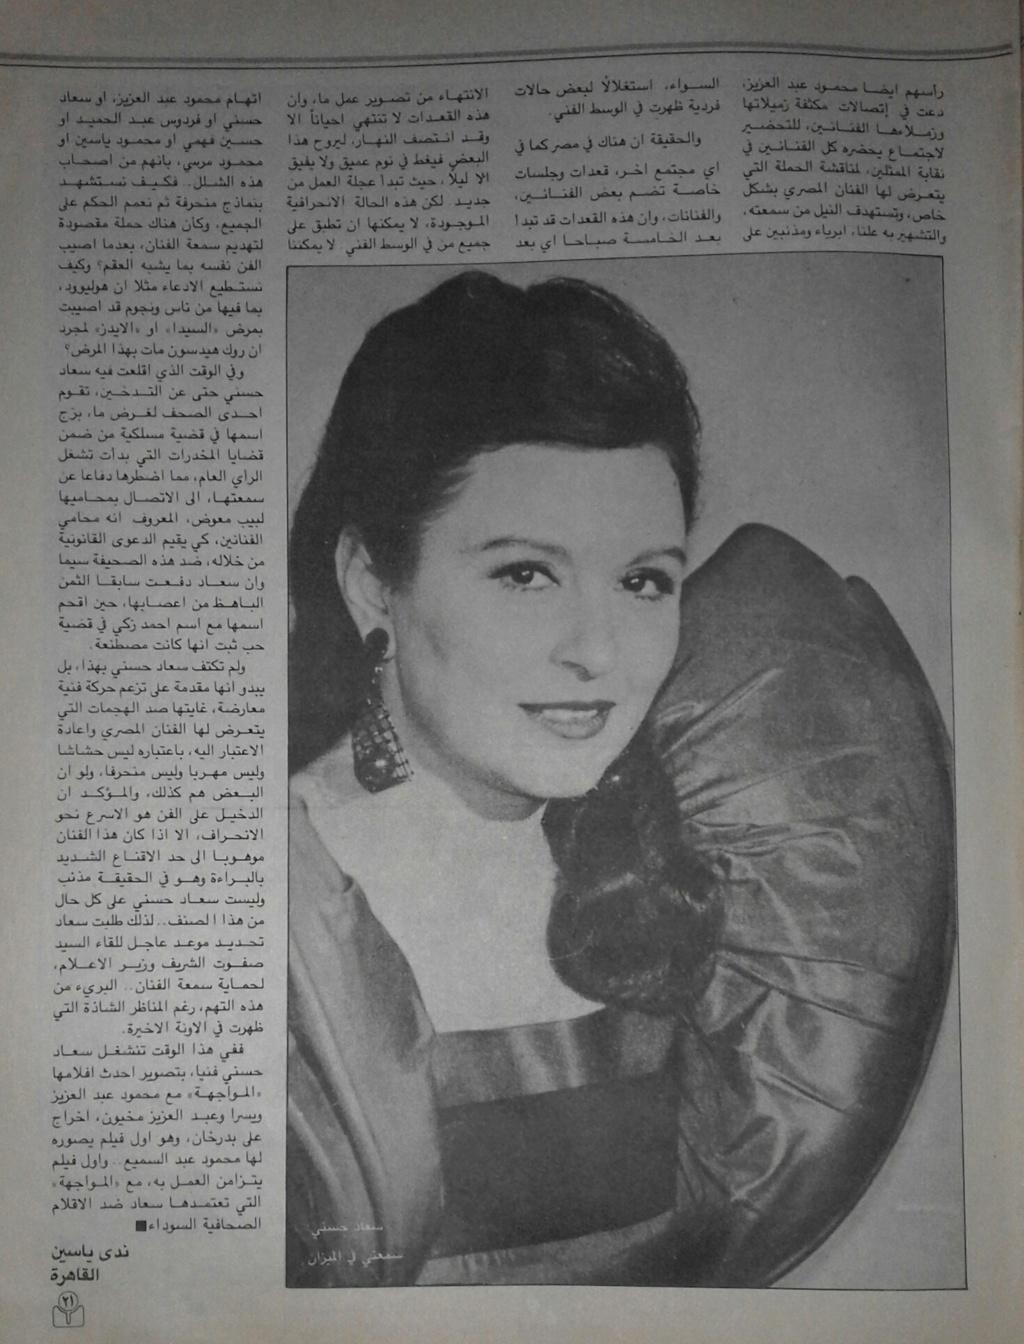 مقال صحفي : سعاد حسني تدق ناقوس الخطر .. سمعتي وسمعة الفنانين ملوثة بشم الكوكايين ! 1985 م 220